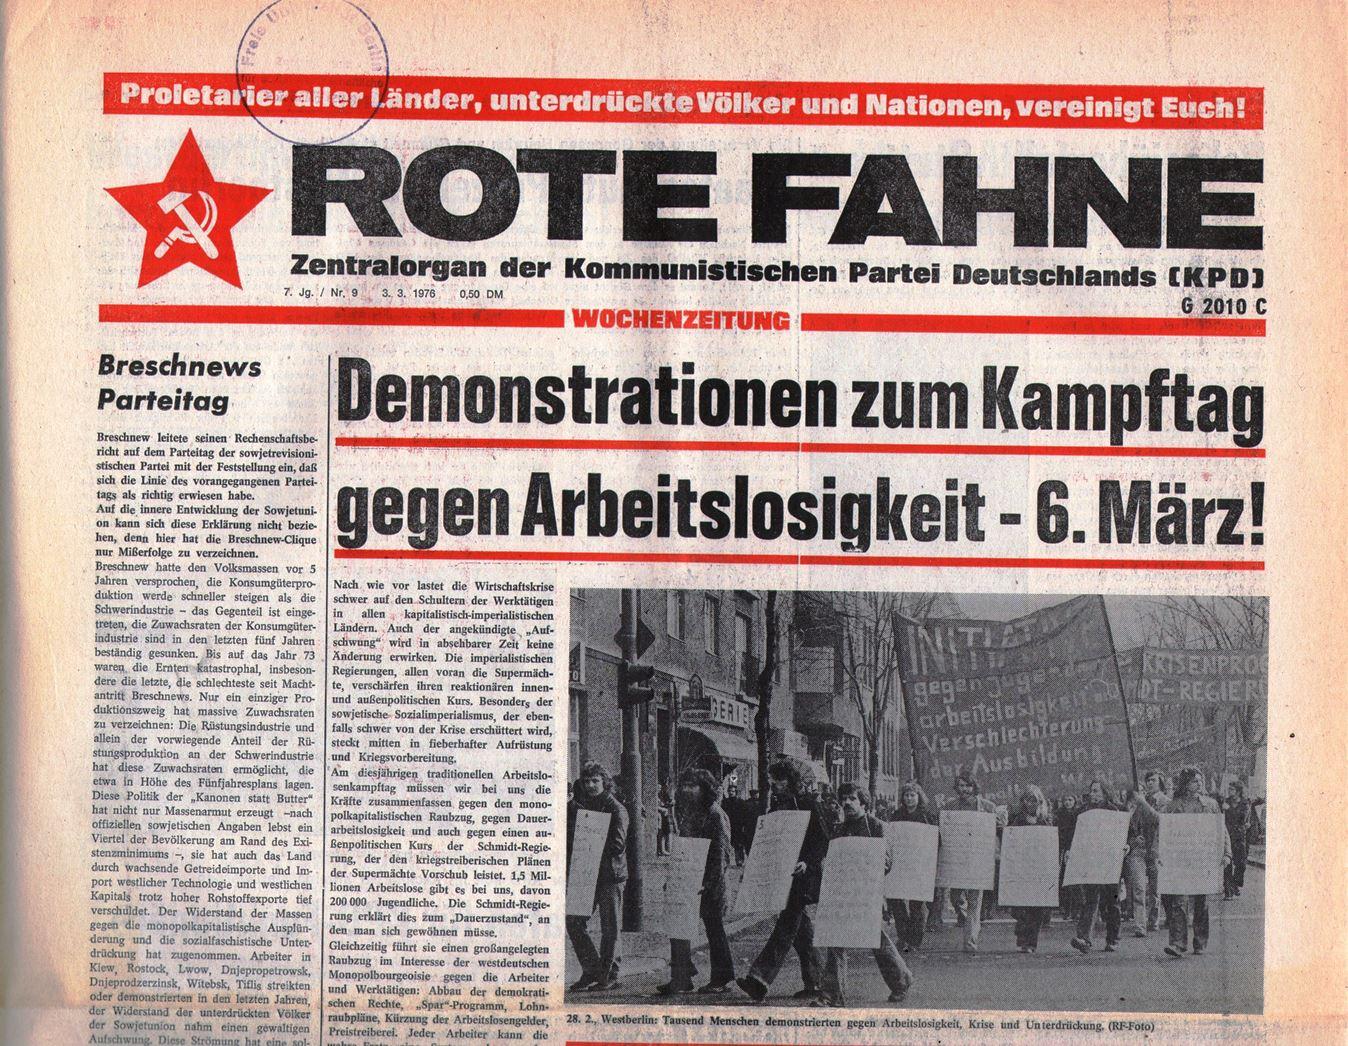 KPD_Rote_Fahne_1976_09_01